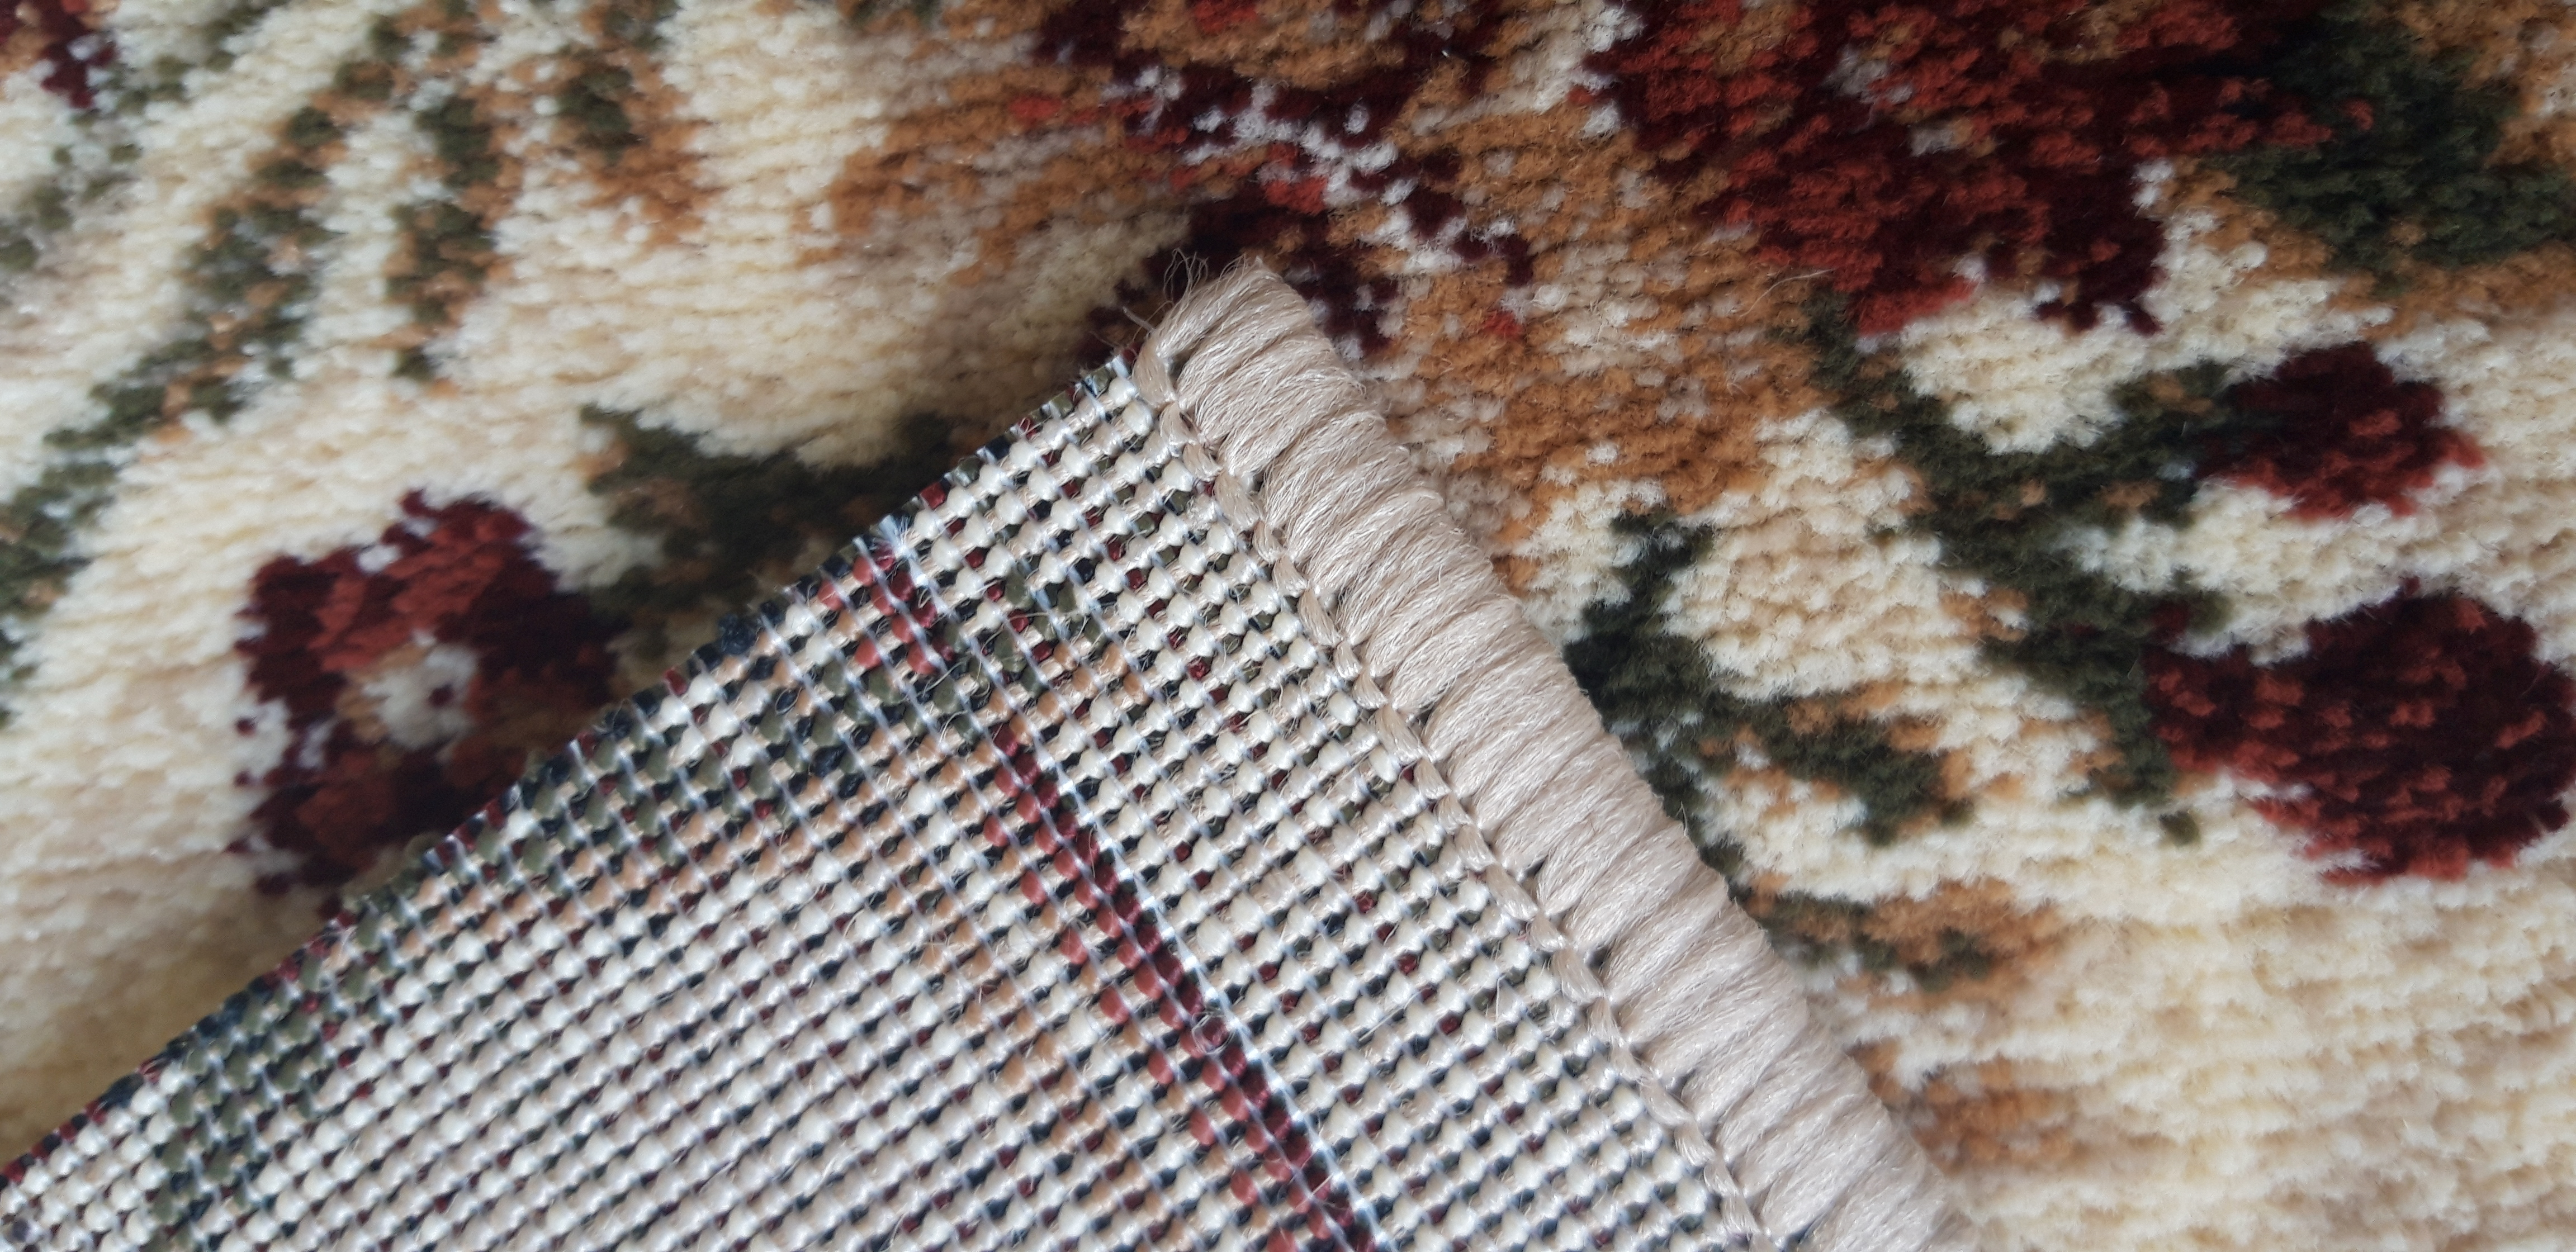 Traversa Covor, Lotos 551, Crem / Bej, 100x700 cm, 1800 gr/mp 4